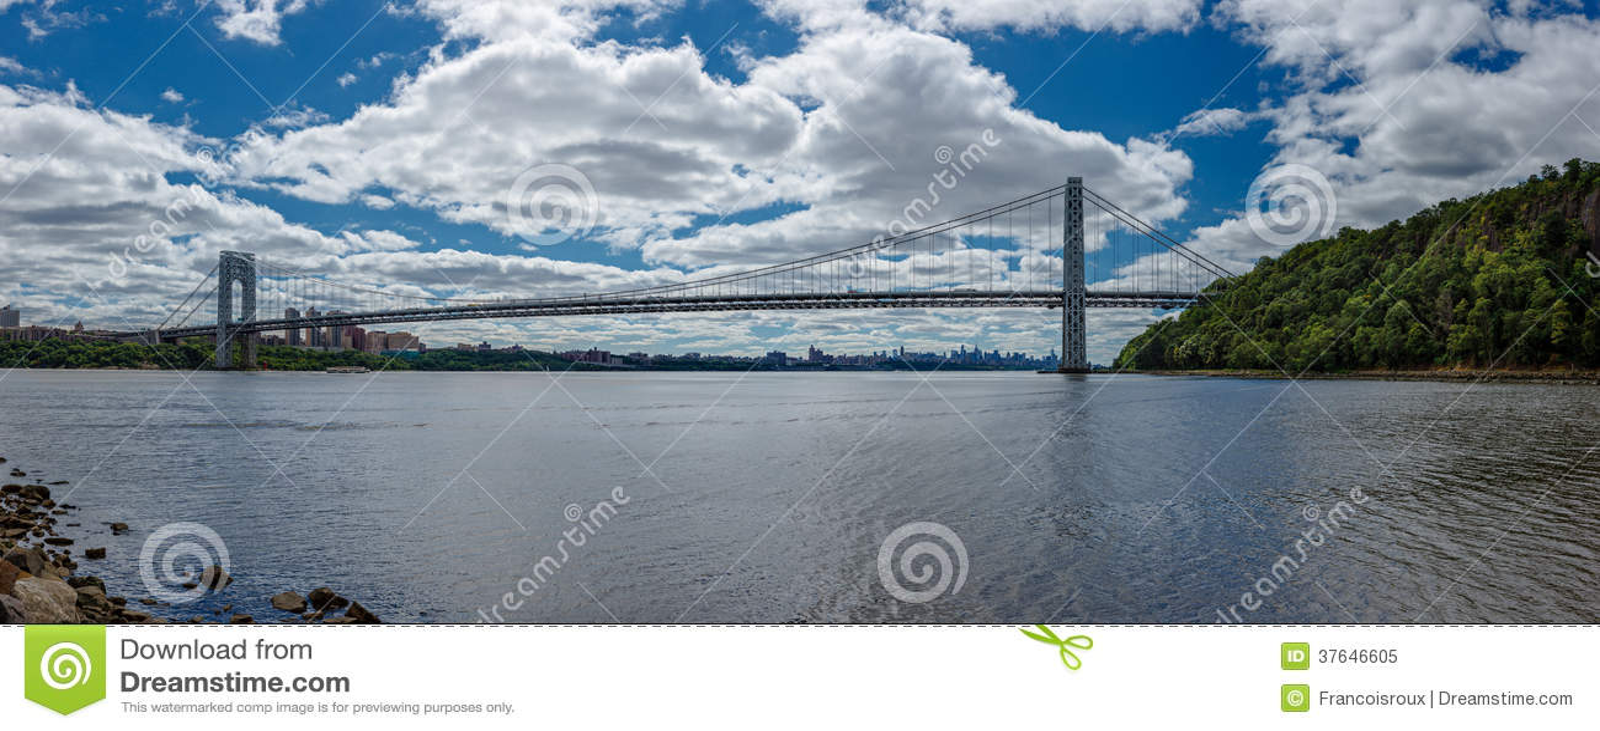 Photo panoramique de George Washington Bridge au-dessus de Hudson River